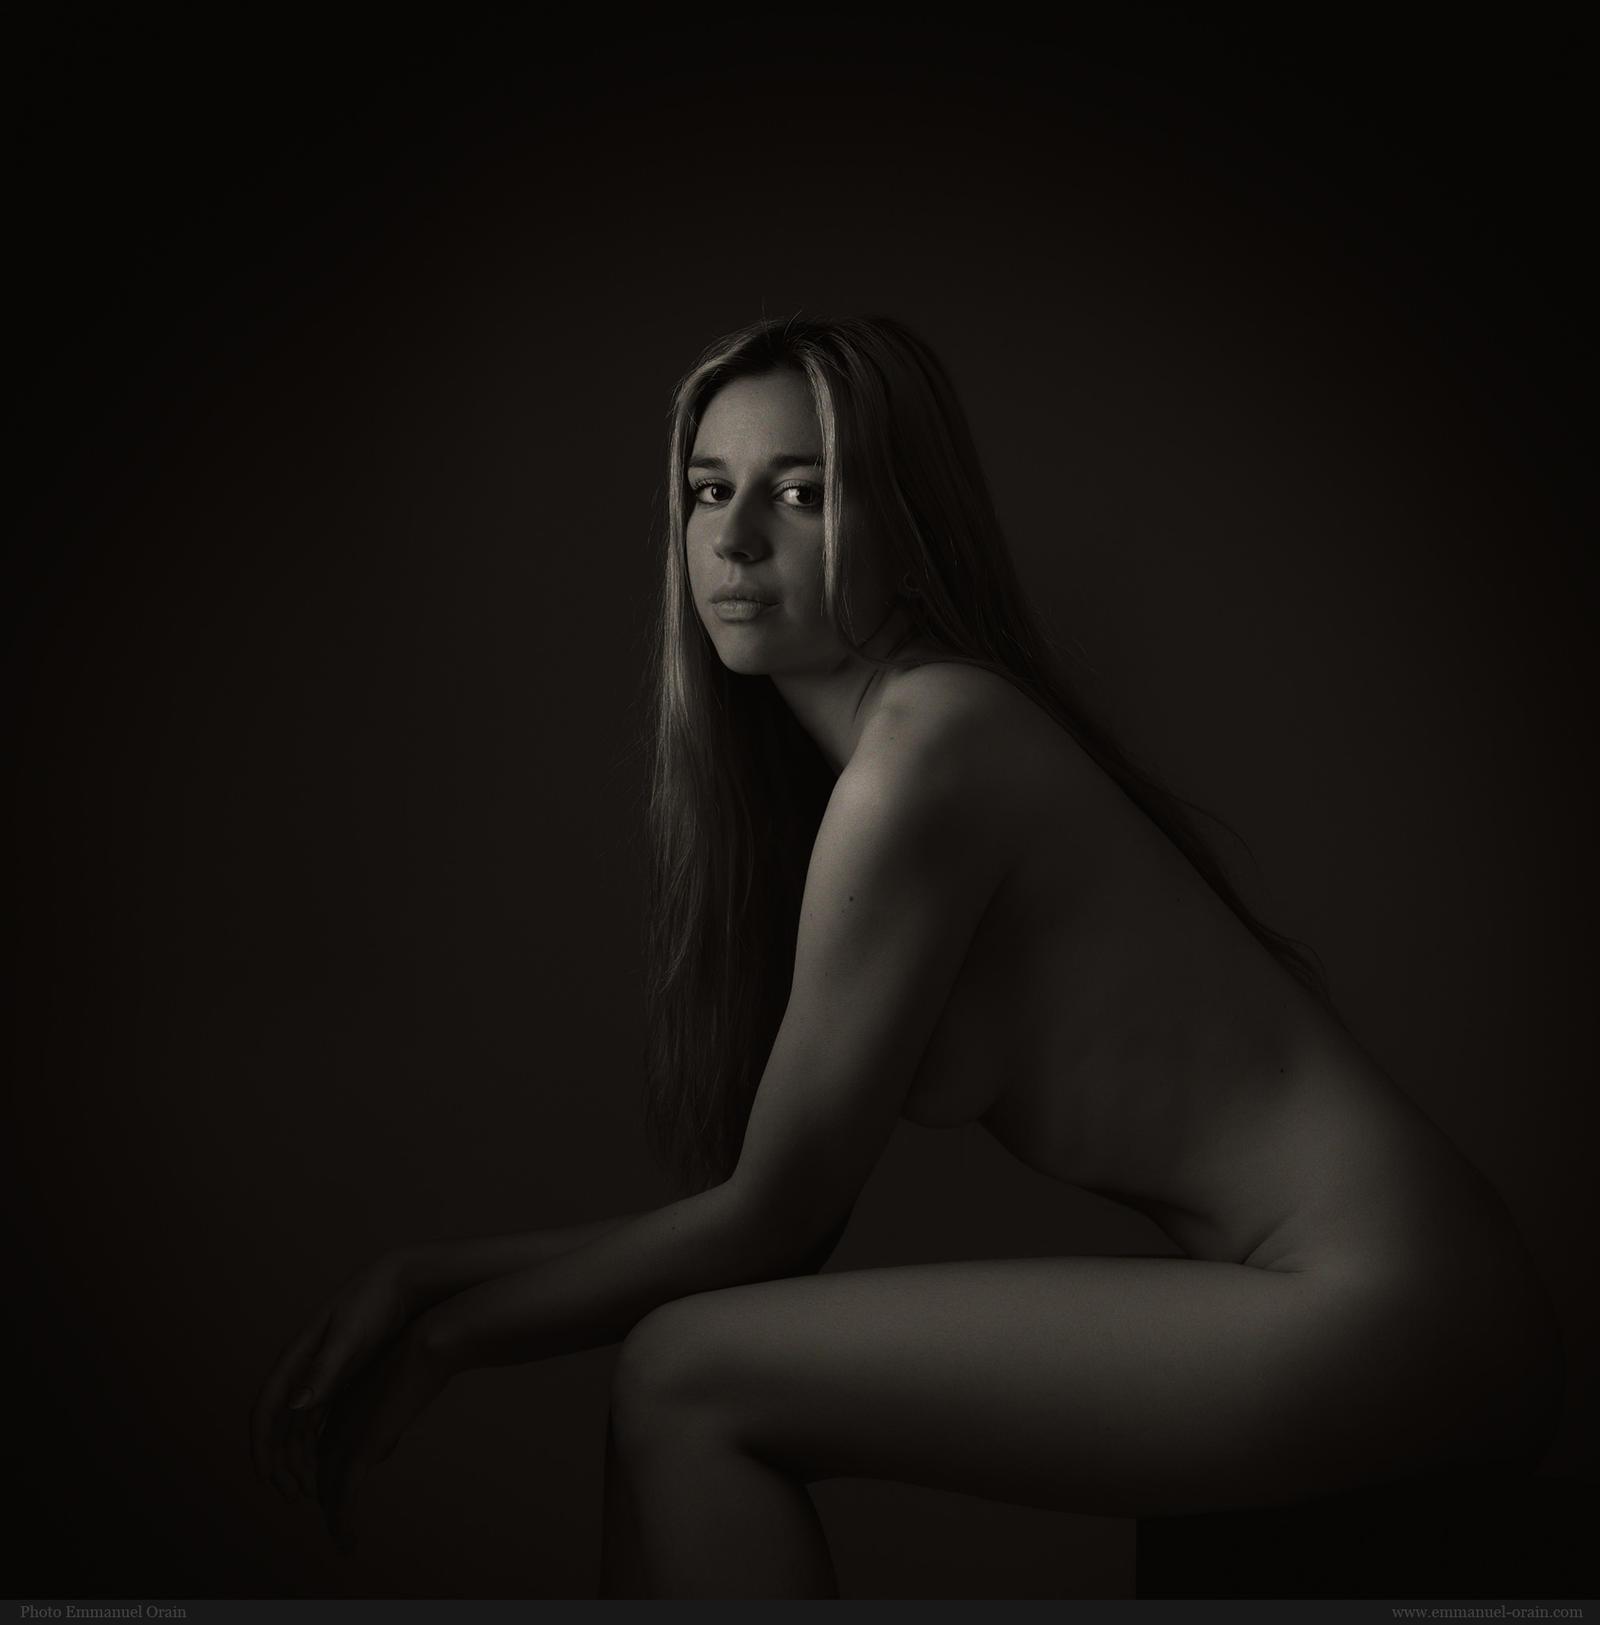 14 by Natsumiimodel